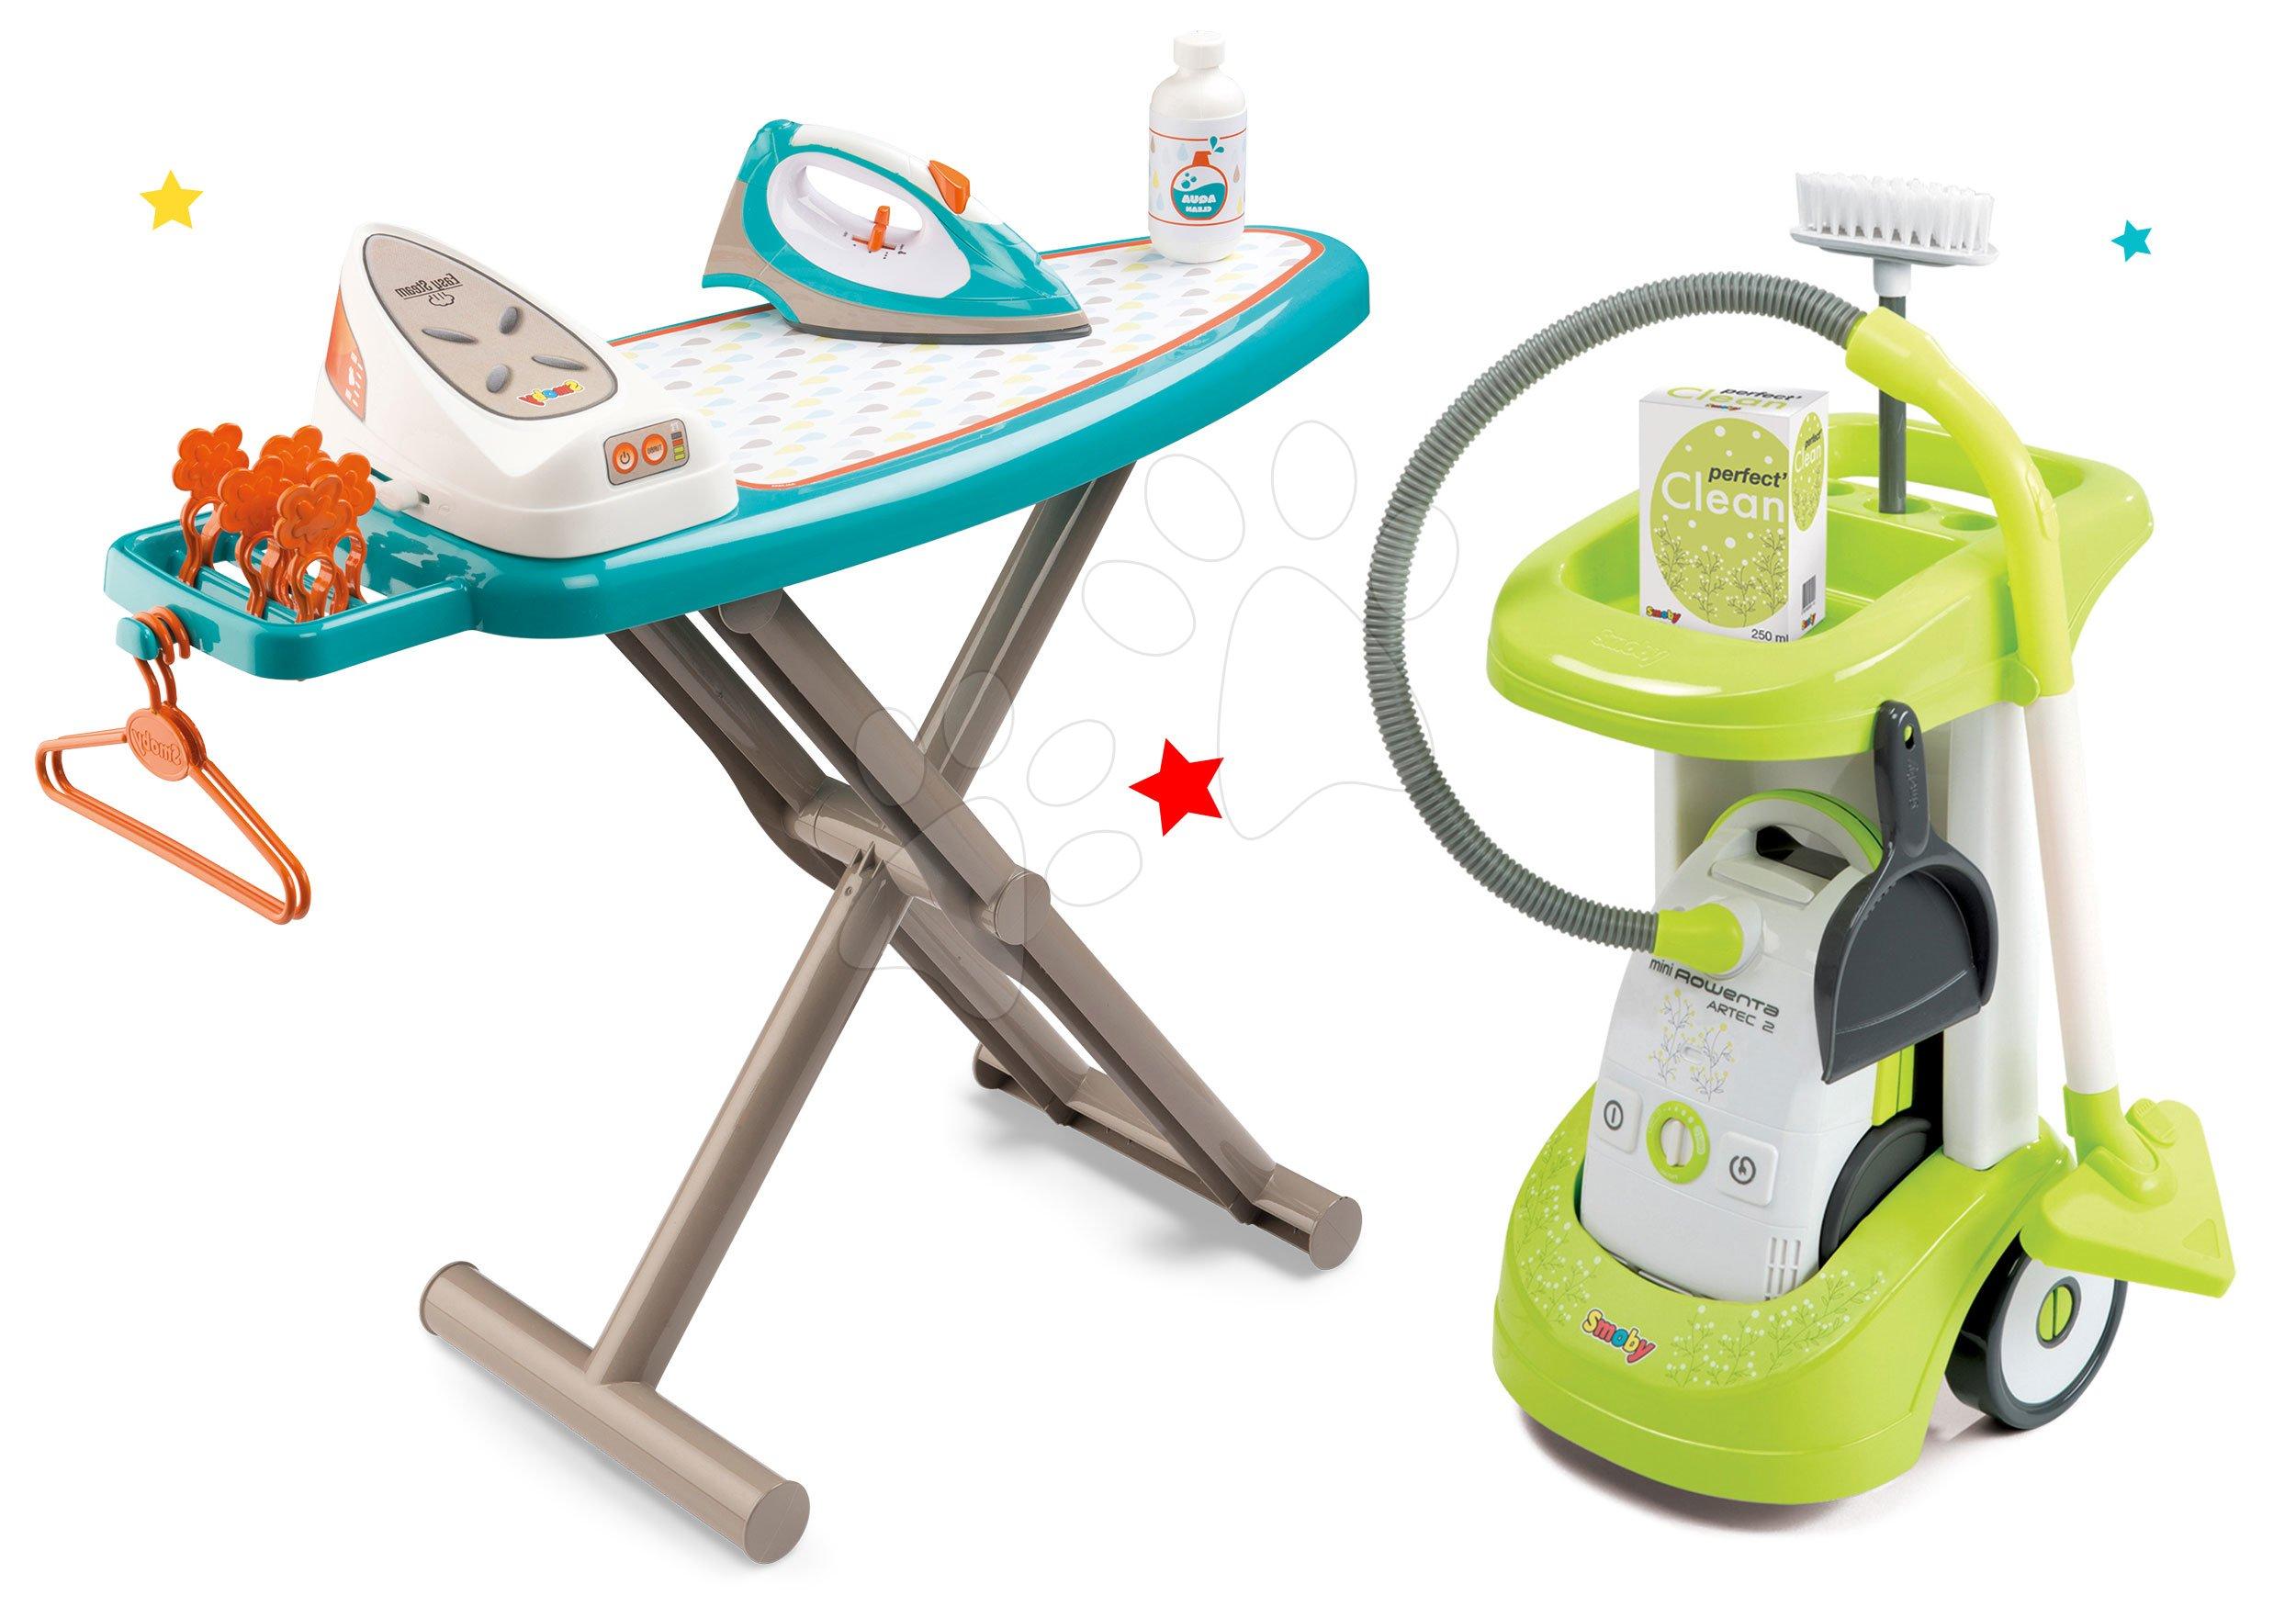 Set úklidový vozík Rowenta Smoby s elektronickým vysavačem, žehlicí prkno, elektronická žehlička Clean